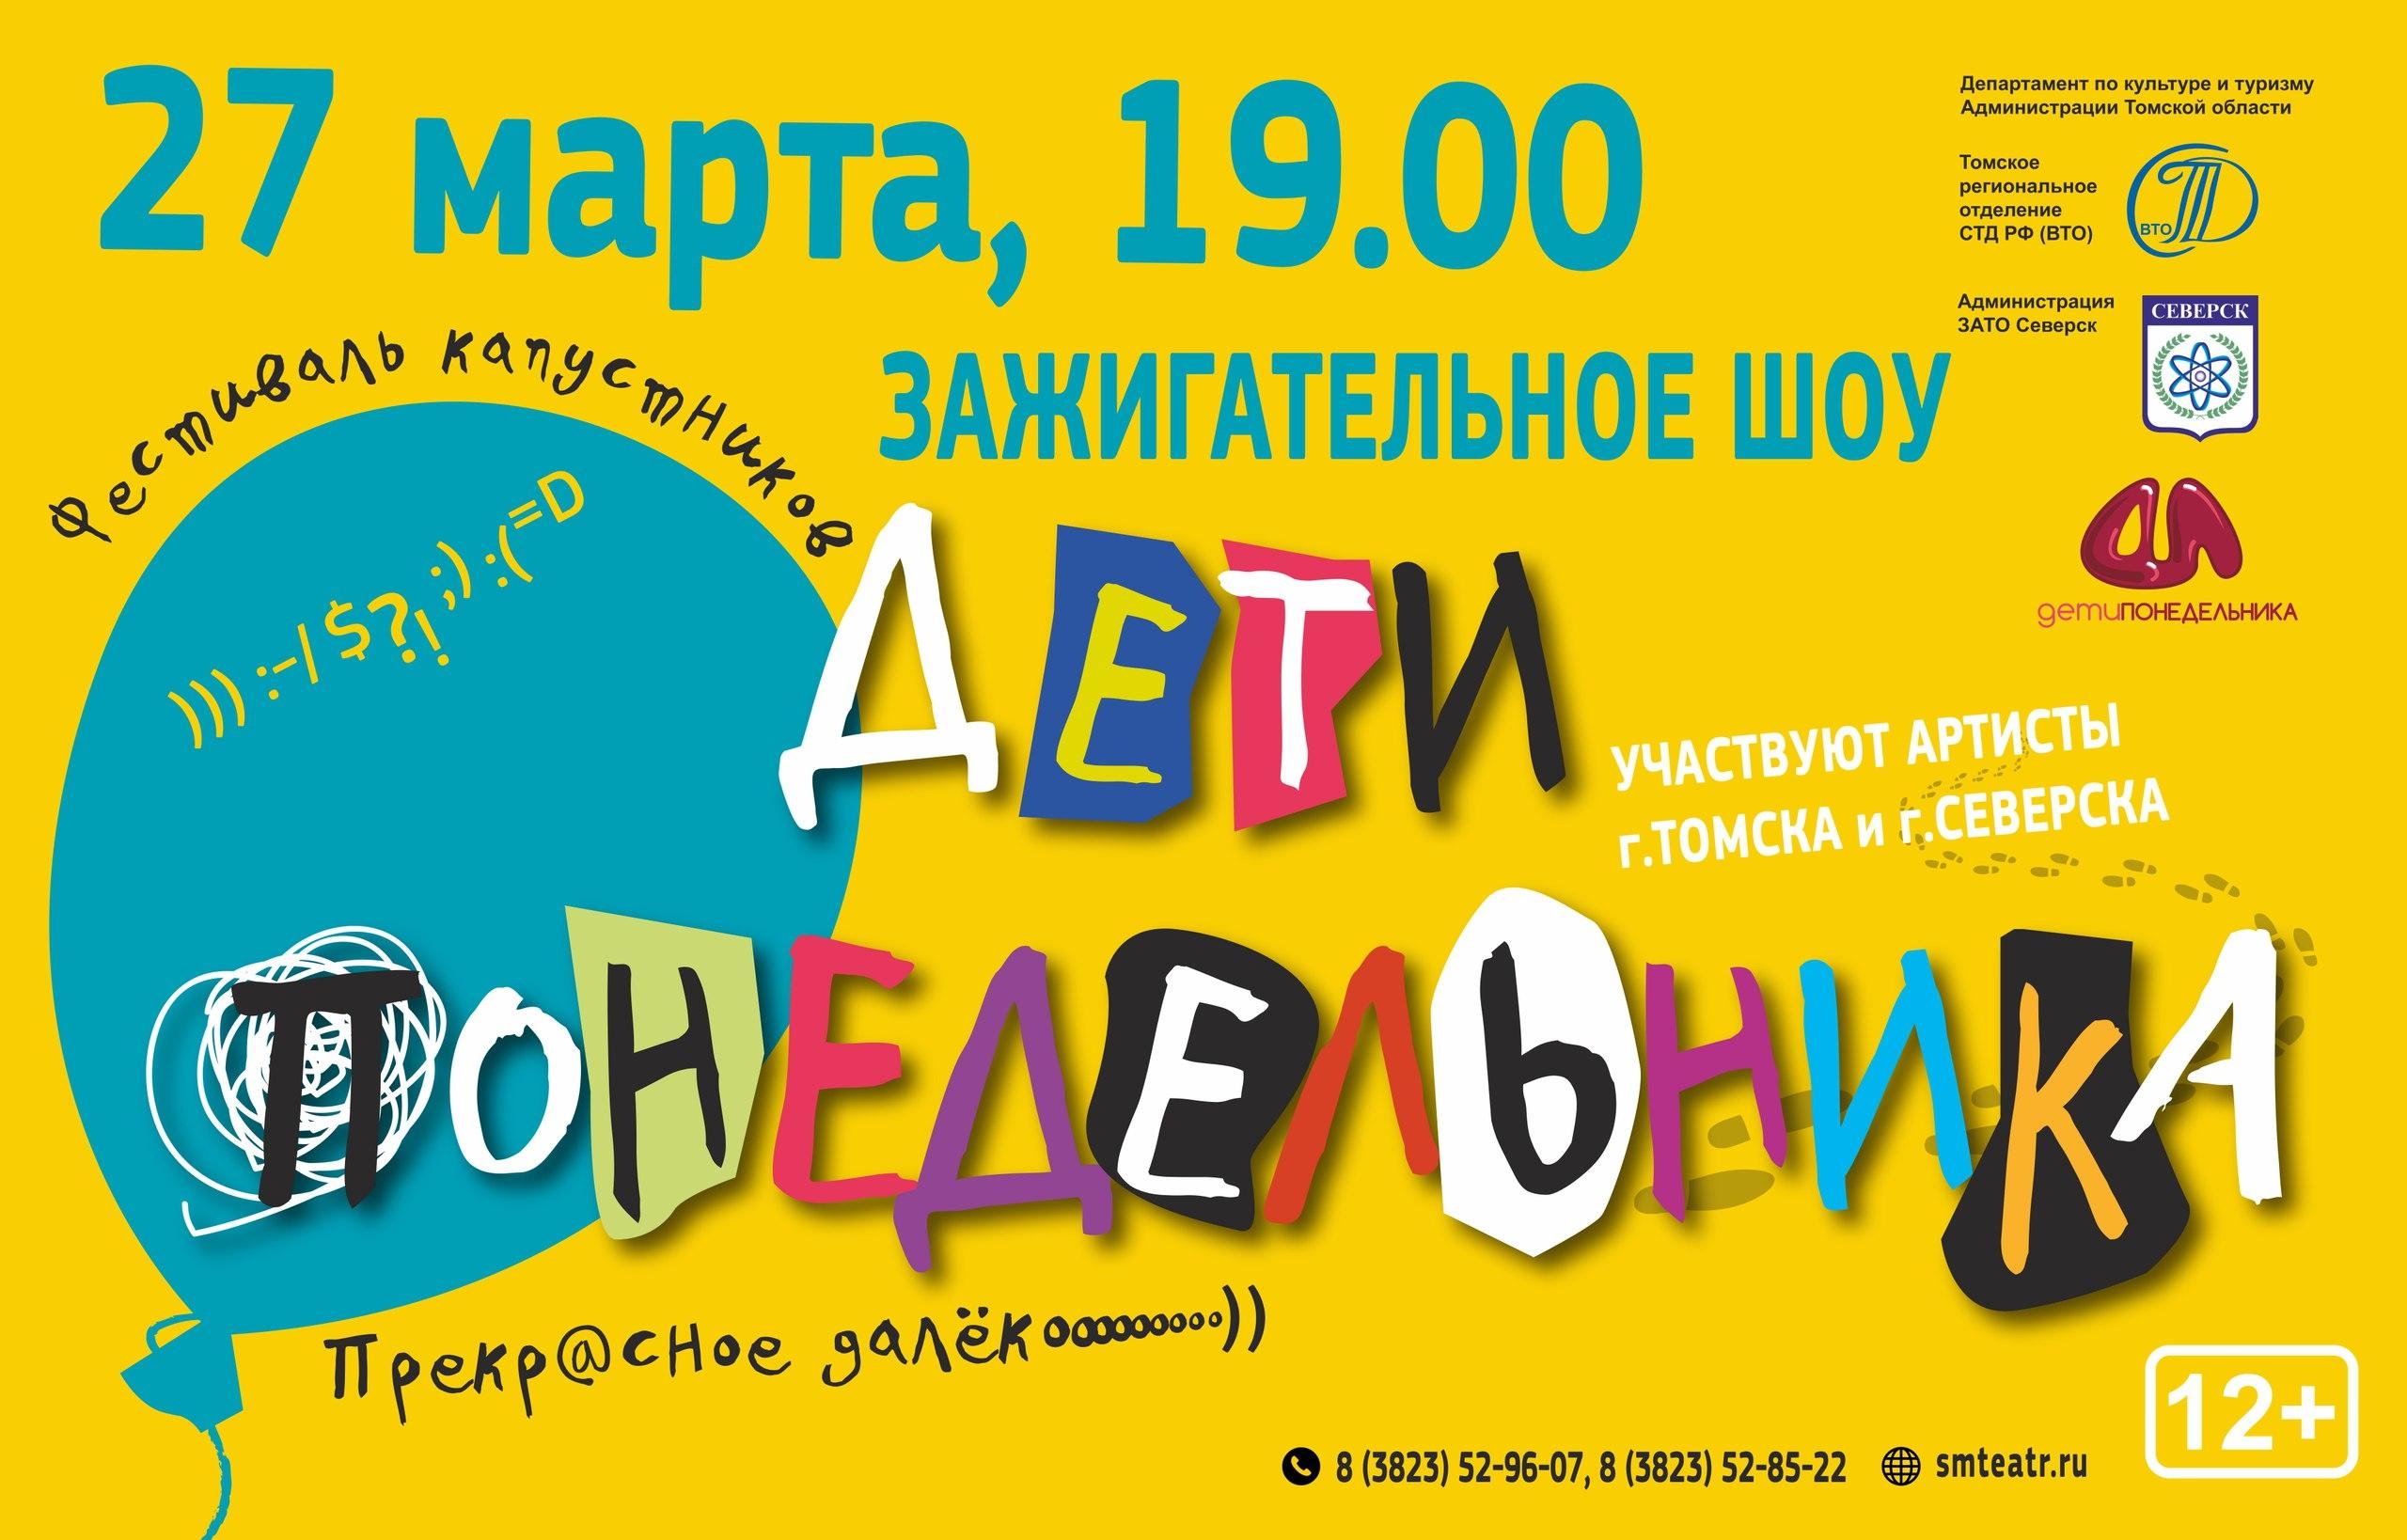 Фестиваль капустников 2017 в Северске